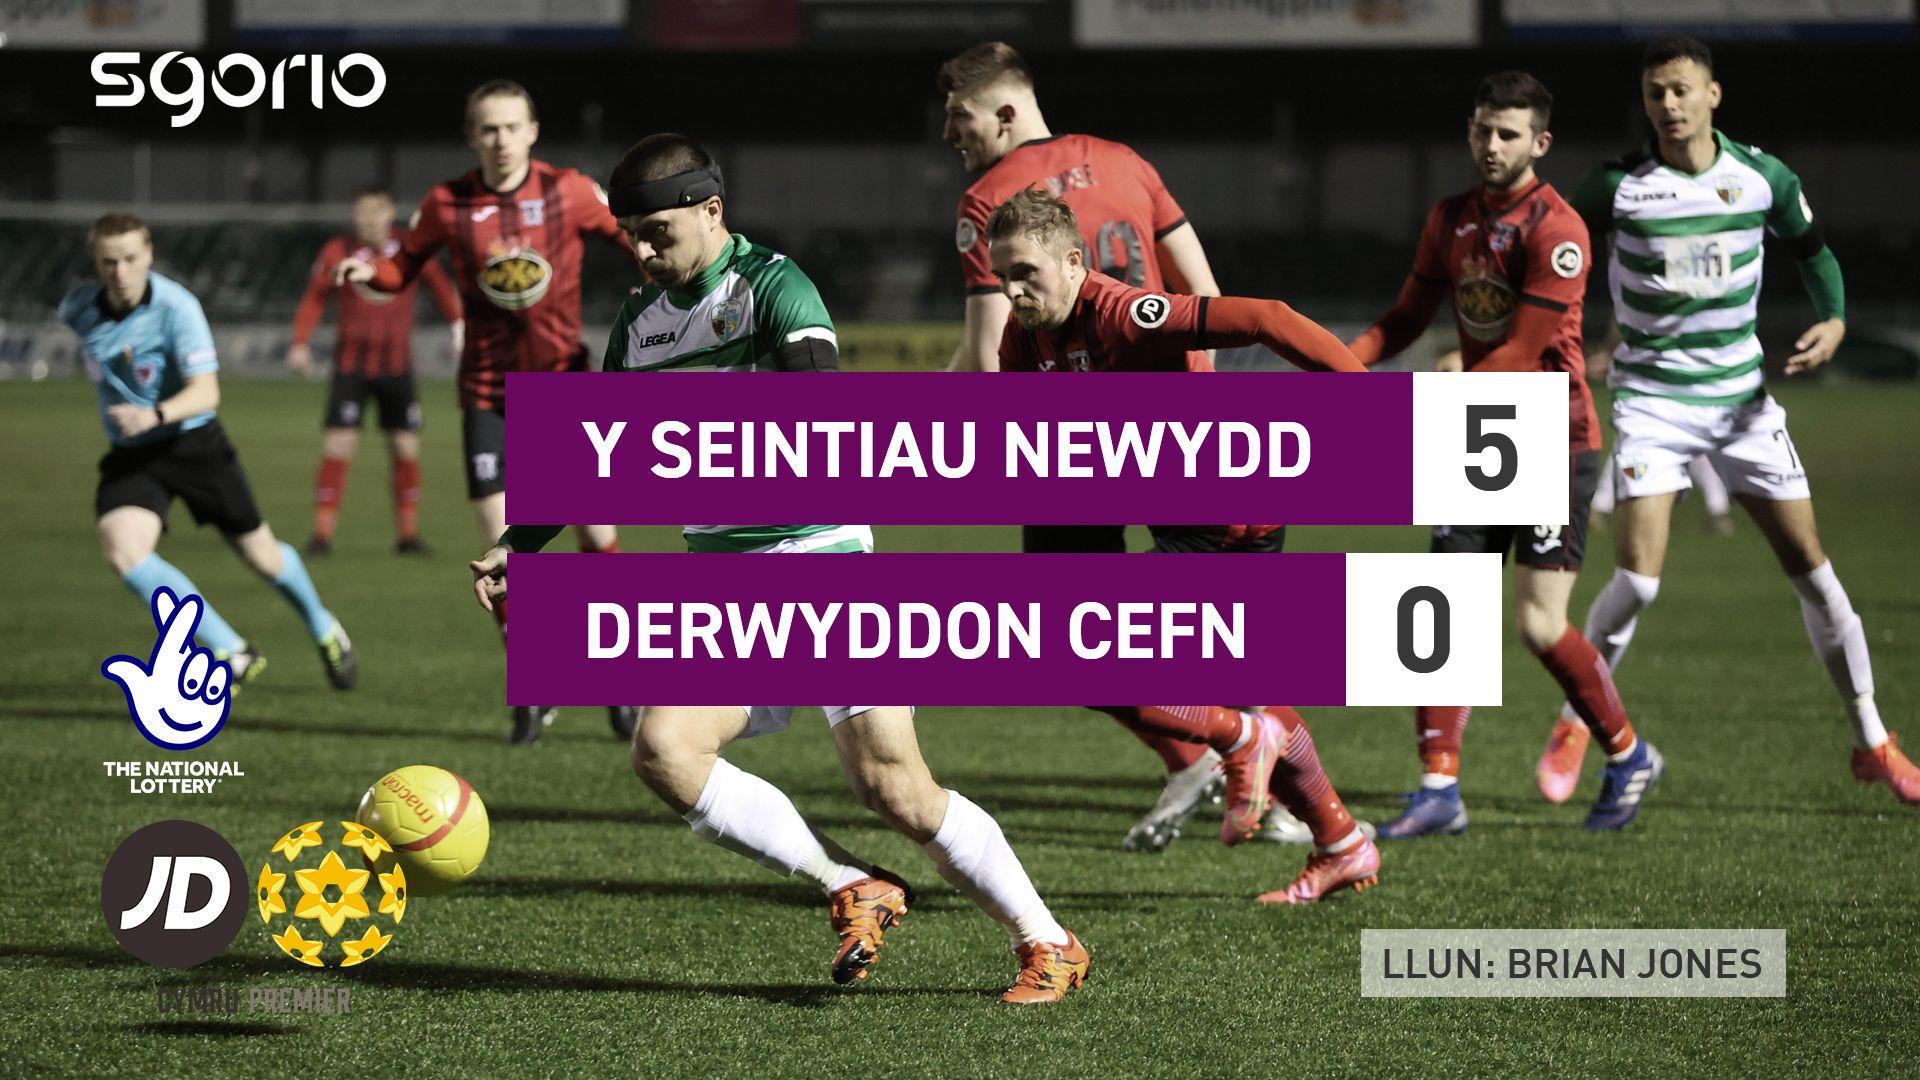 Y Seintiau Newydd 5-0 Derwyddon Cefn